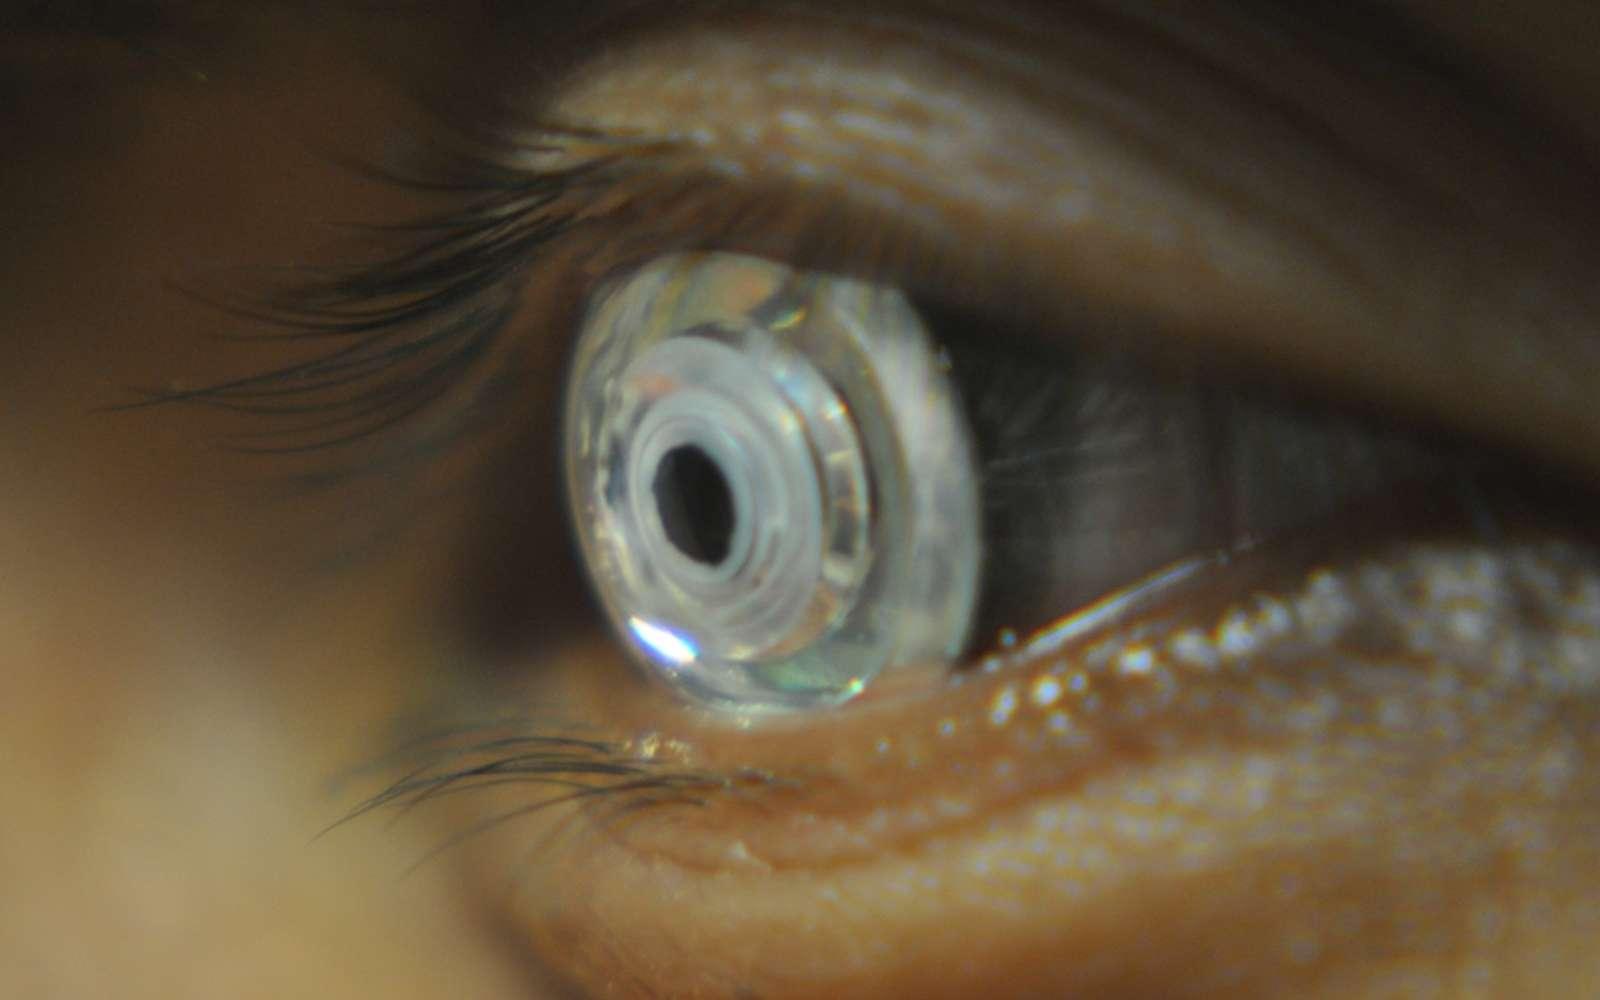 En clignant deux fois des yeux, le porteur des lentilles modifie la longueur focale, et ainsi active le zoom. © UC San Diego